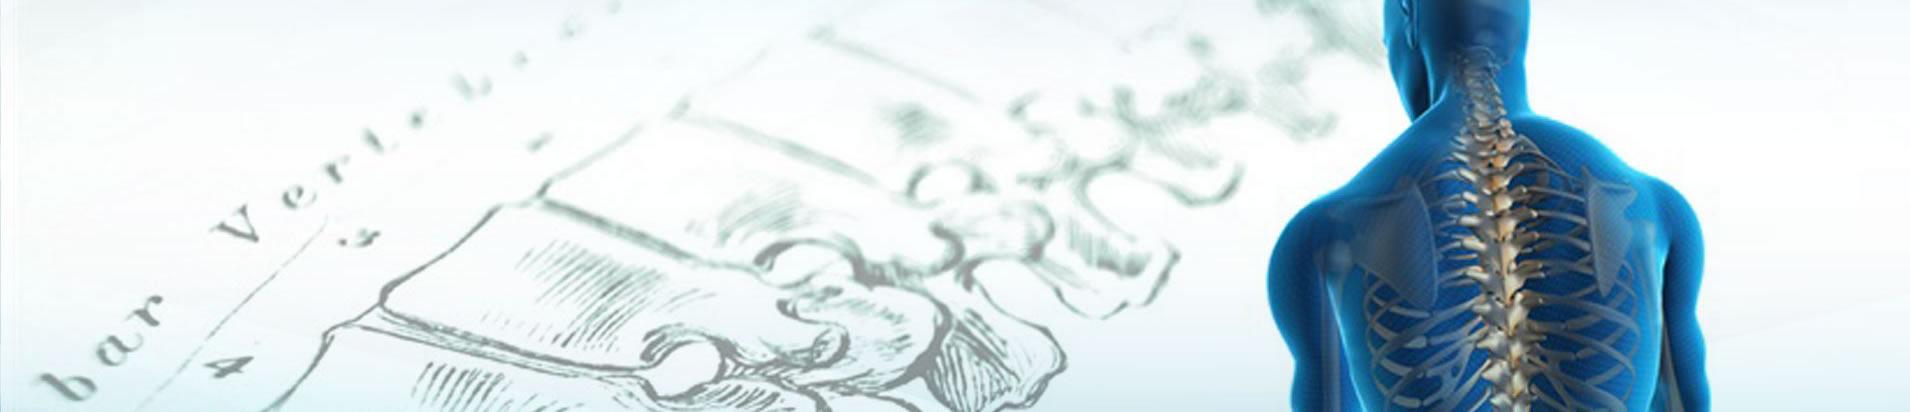 MGT alapszabály és jegyzőkönyv közgyűlésről (2012)